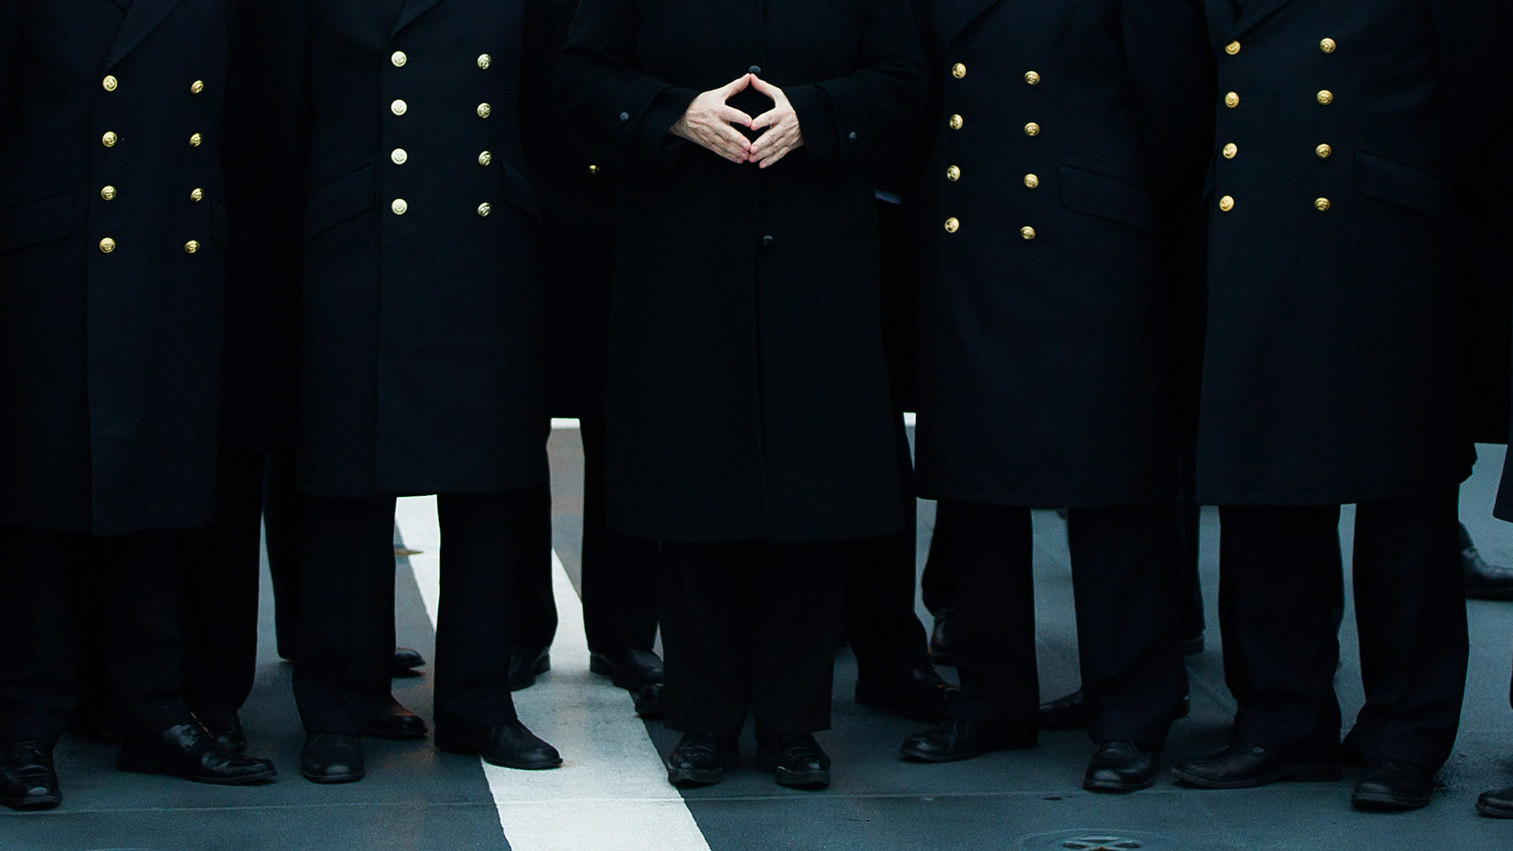 Foto der Rückblende 2016 von Lukas Schulze: Bundeskanzlerin Angela Merkel posiert während eines Besuches im Marinestützpunkt mit Soldatin-nen und Soldaten für ein Gruppenfoto